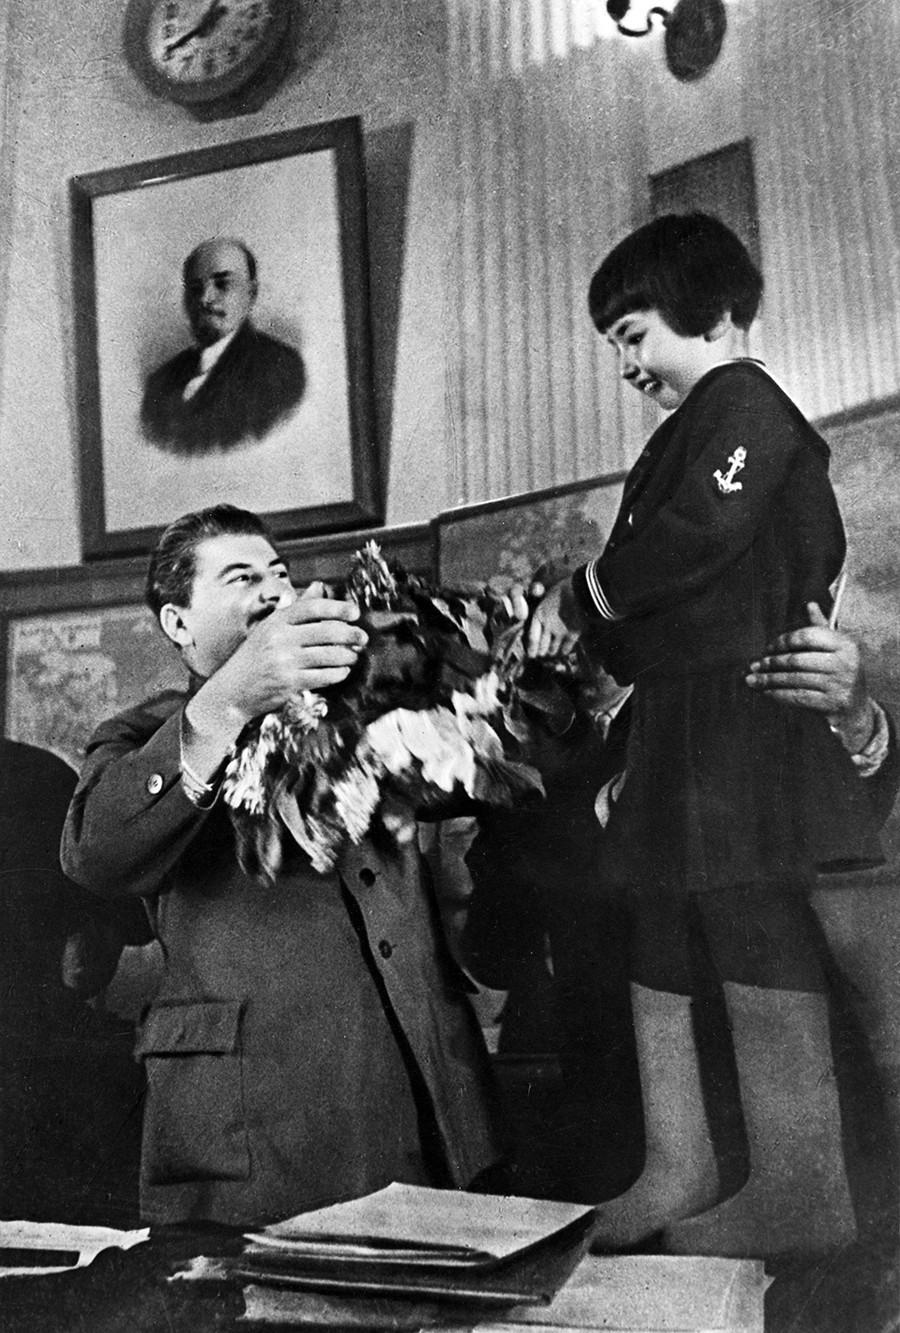 Јосиф Сталин прима букет од Енгелсина (Геља) Маркизова.